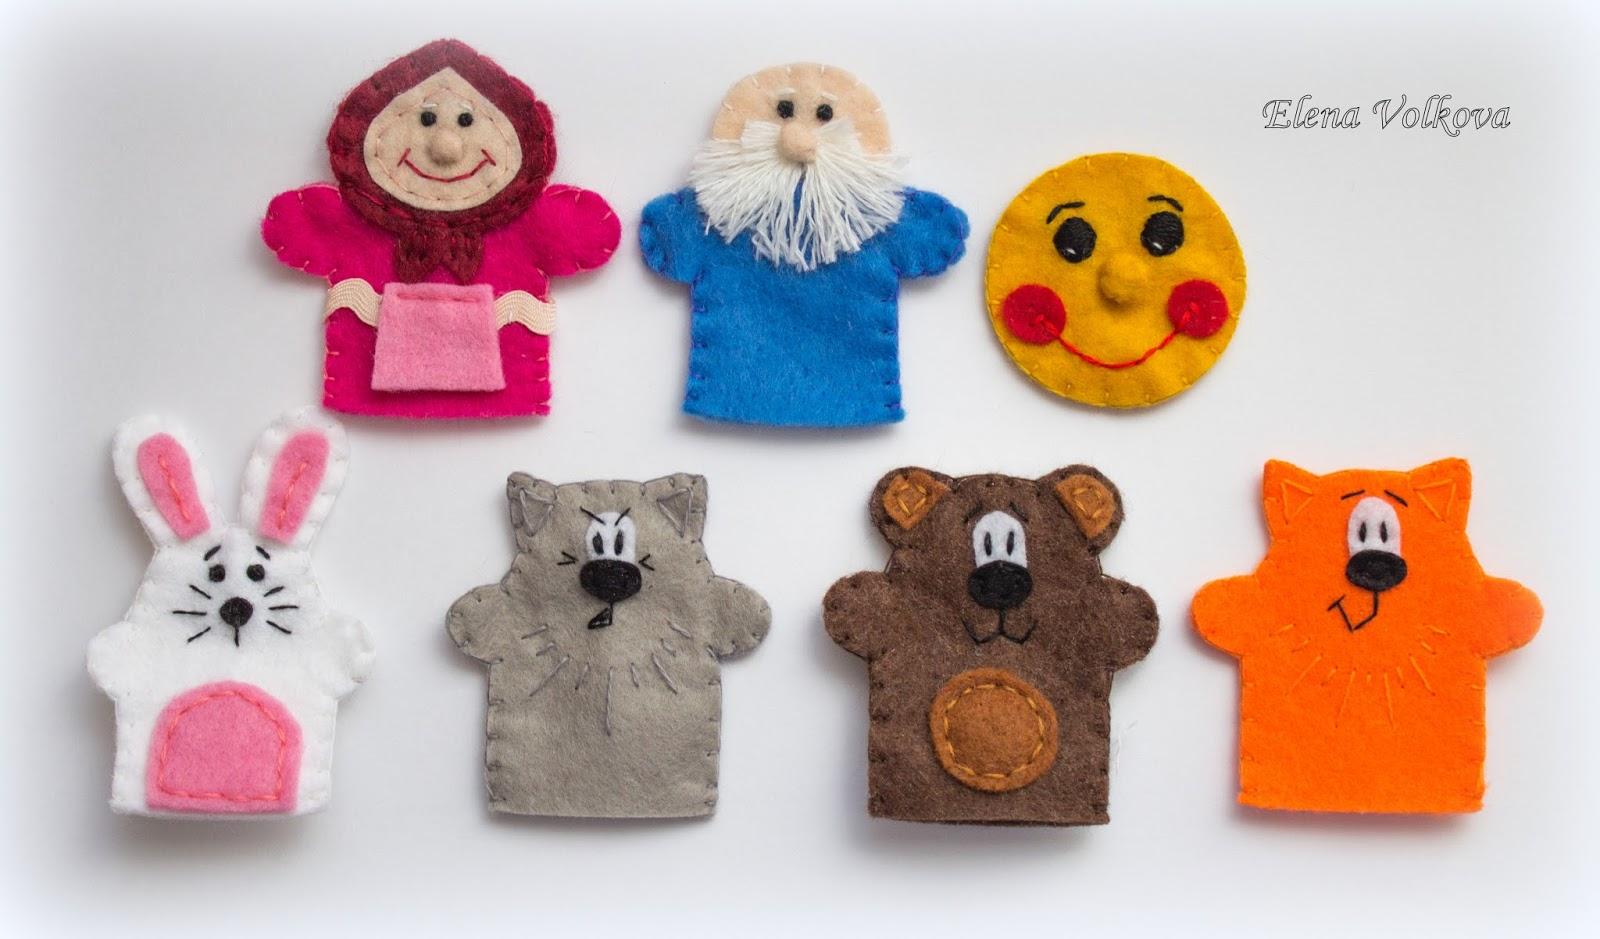 Копилочка - Как самому сделать куклу для кукольного театра 16